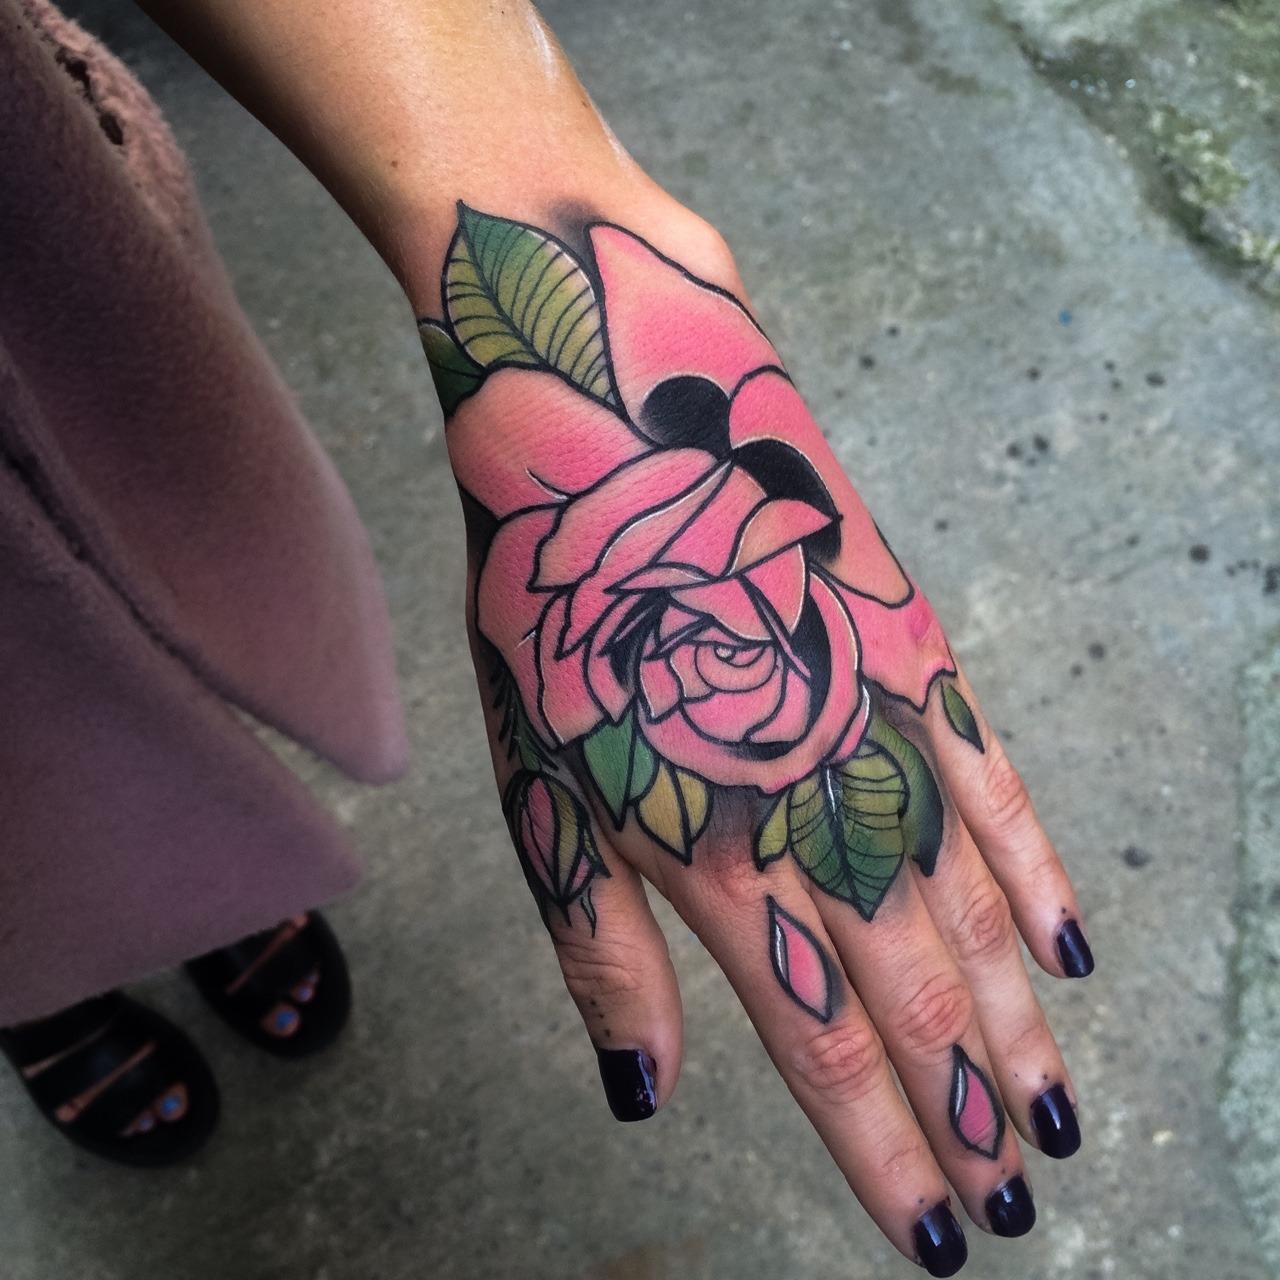 e6411cd30 Tattoo by Matt Webb. Follow me on Instagram at mattwebbtattoo.